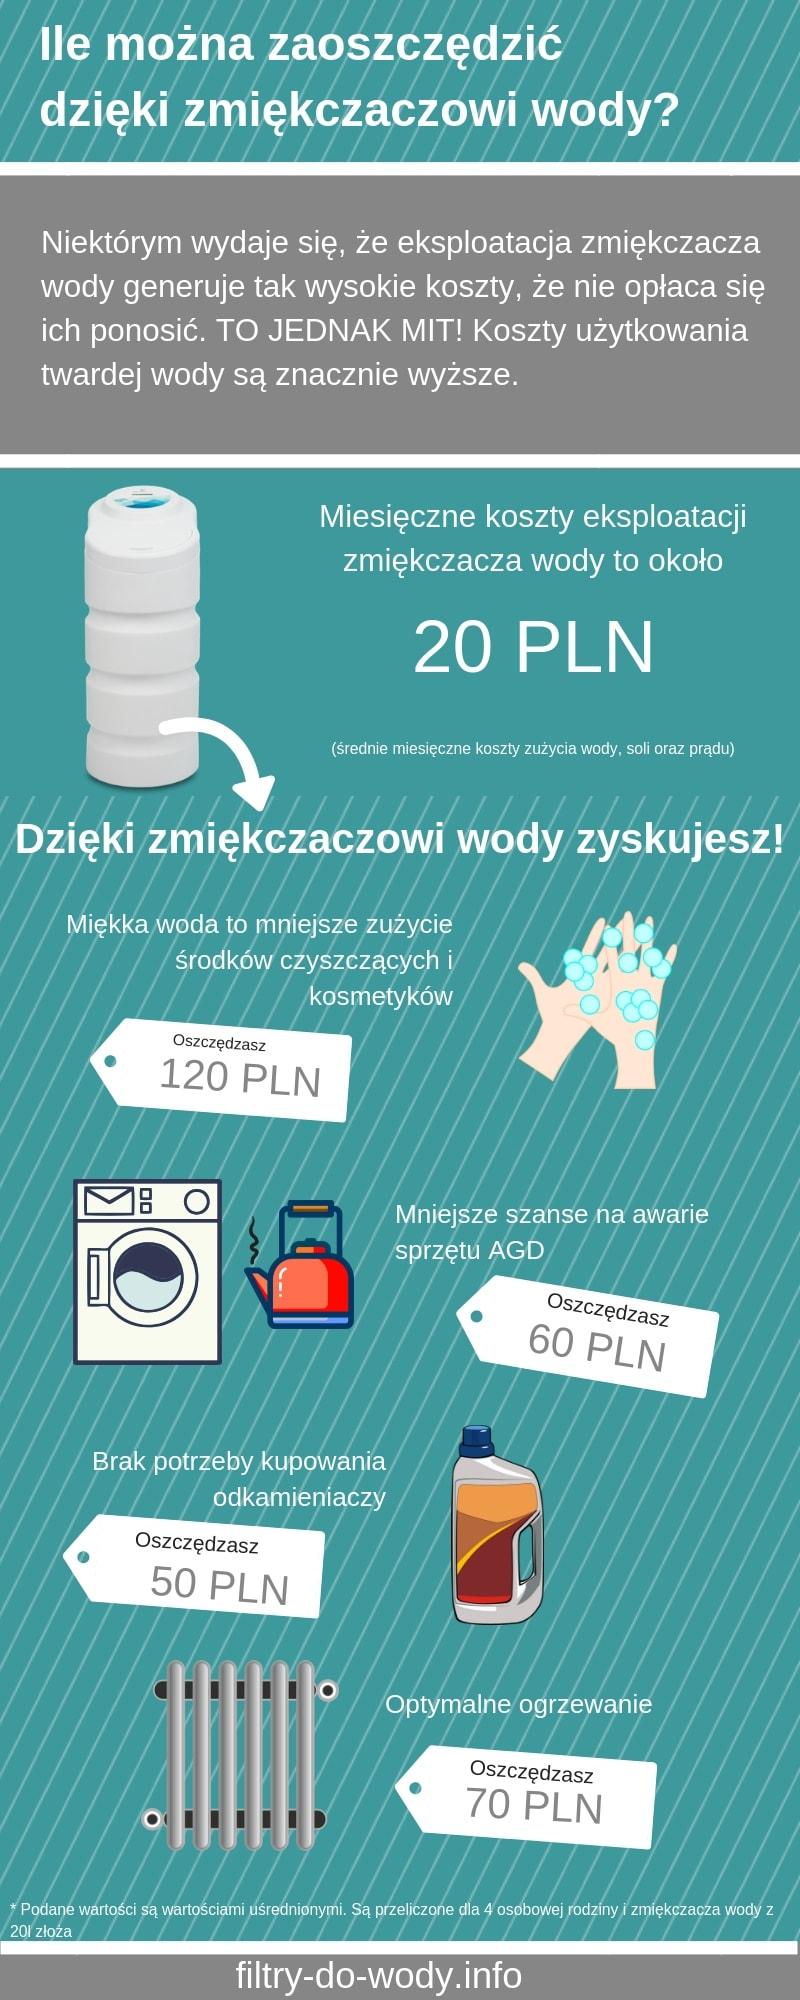 koszty eksploatacji zmiękczacza wody a koszty użytkowania twardej wody - infografika przedstawiająca ten problem